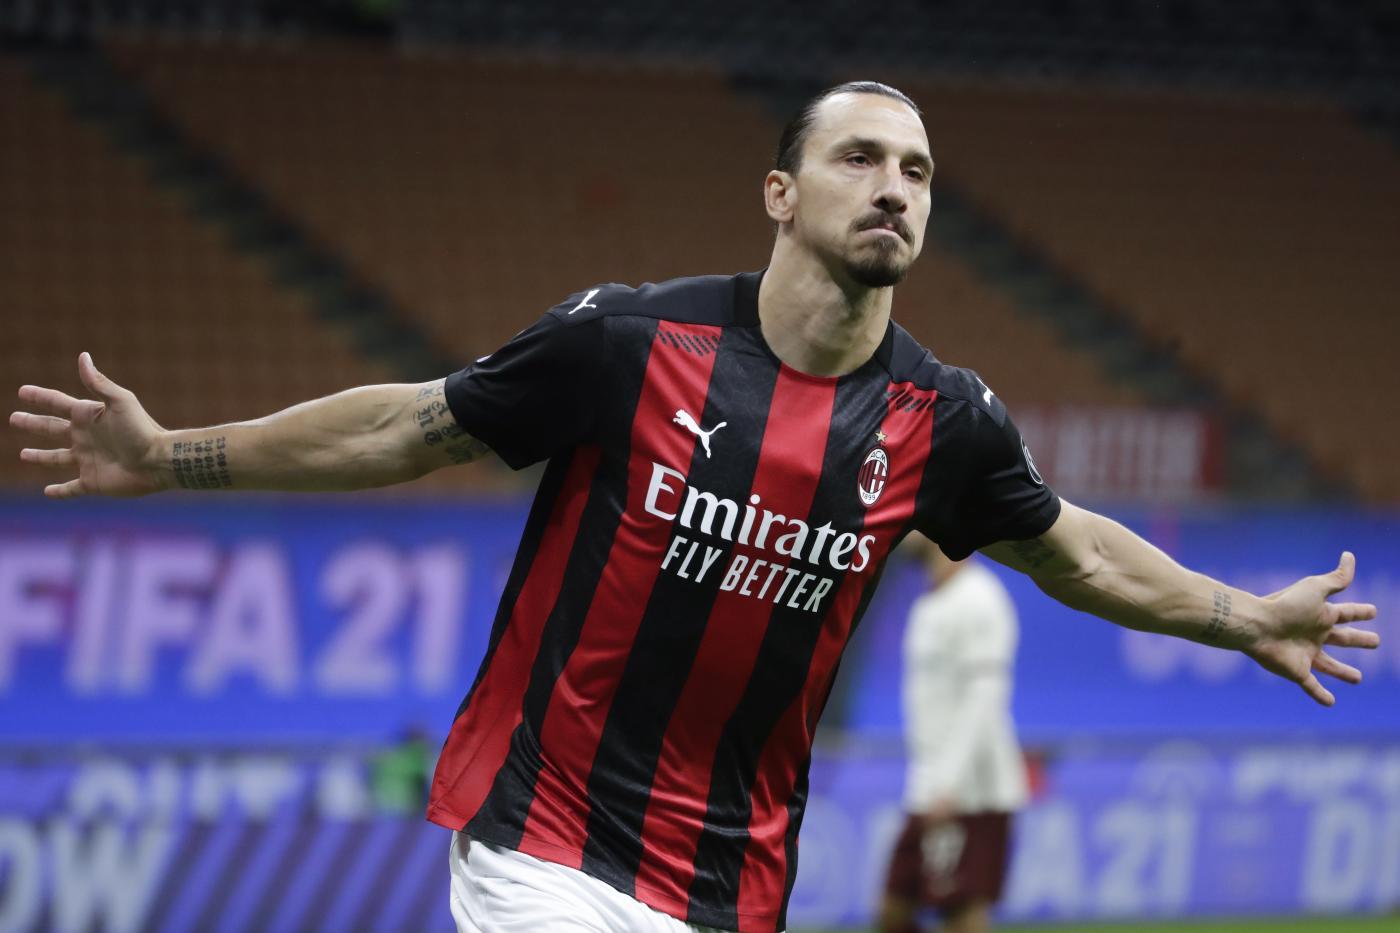 Il cachet di Ibrahimovic a Sanremo: quanto guadagnerà e cosa farà